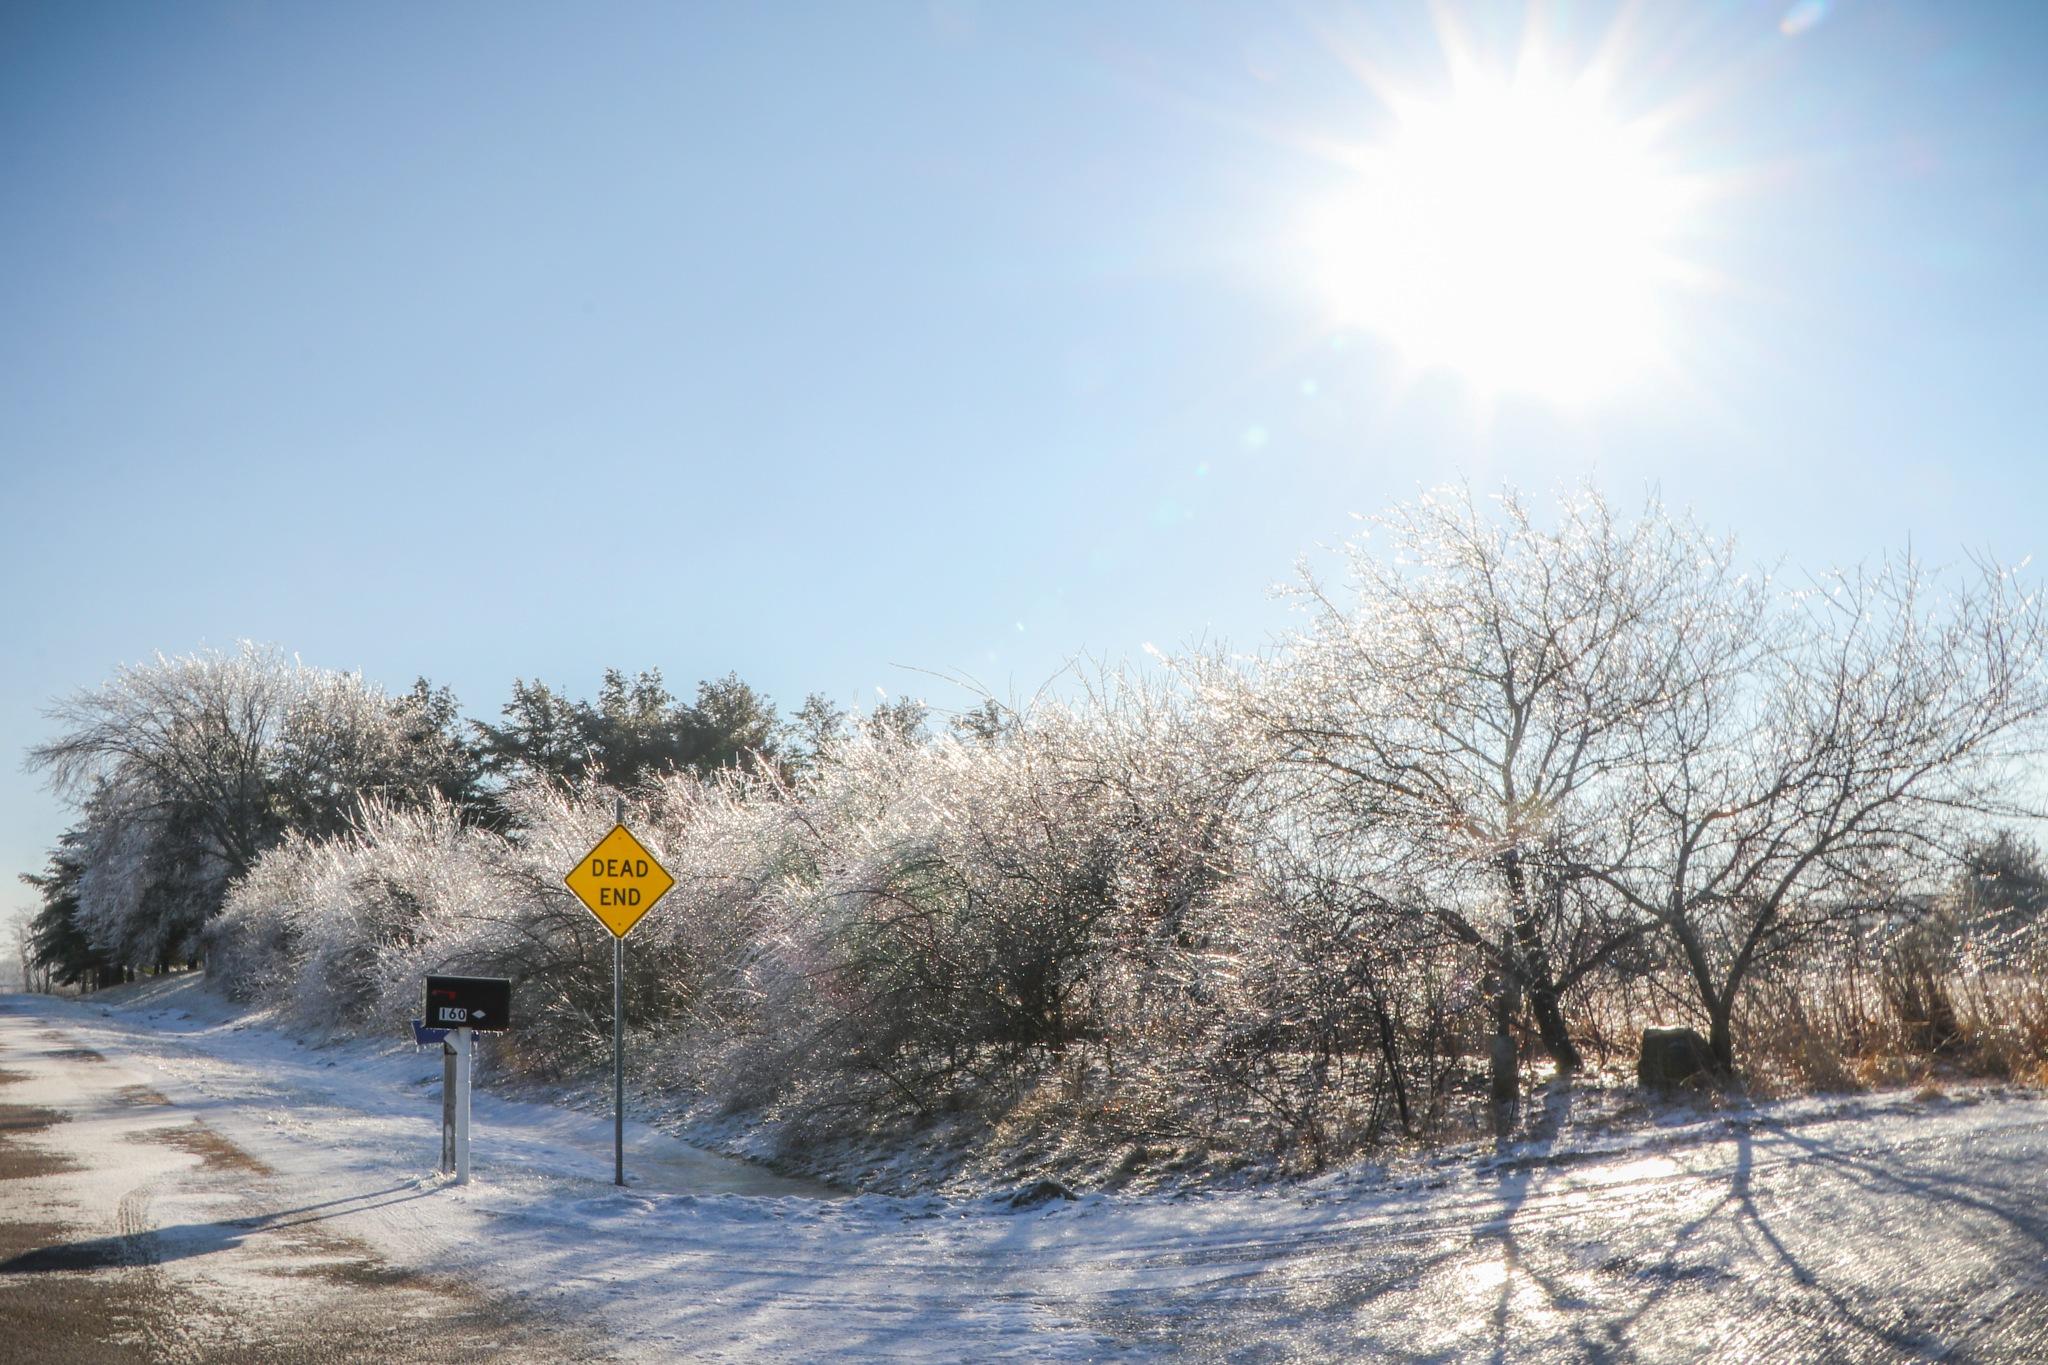 Dead End Winter Day by Mark Hootman